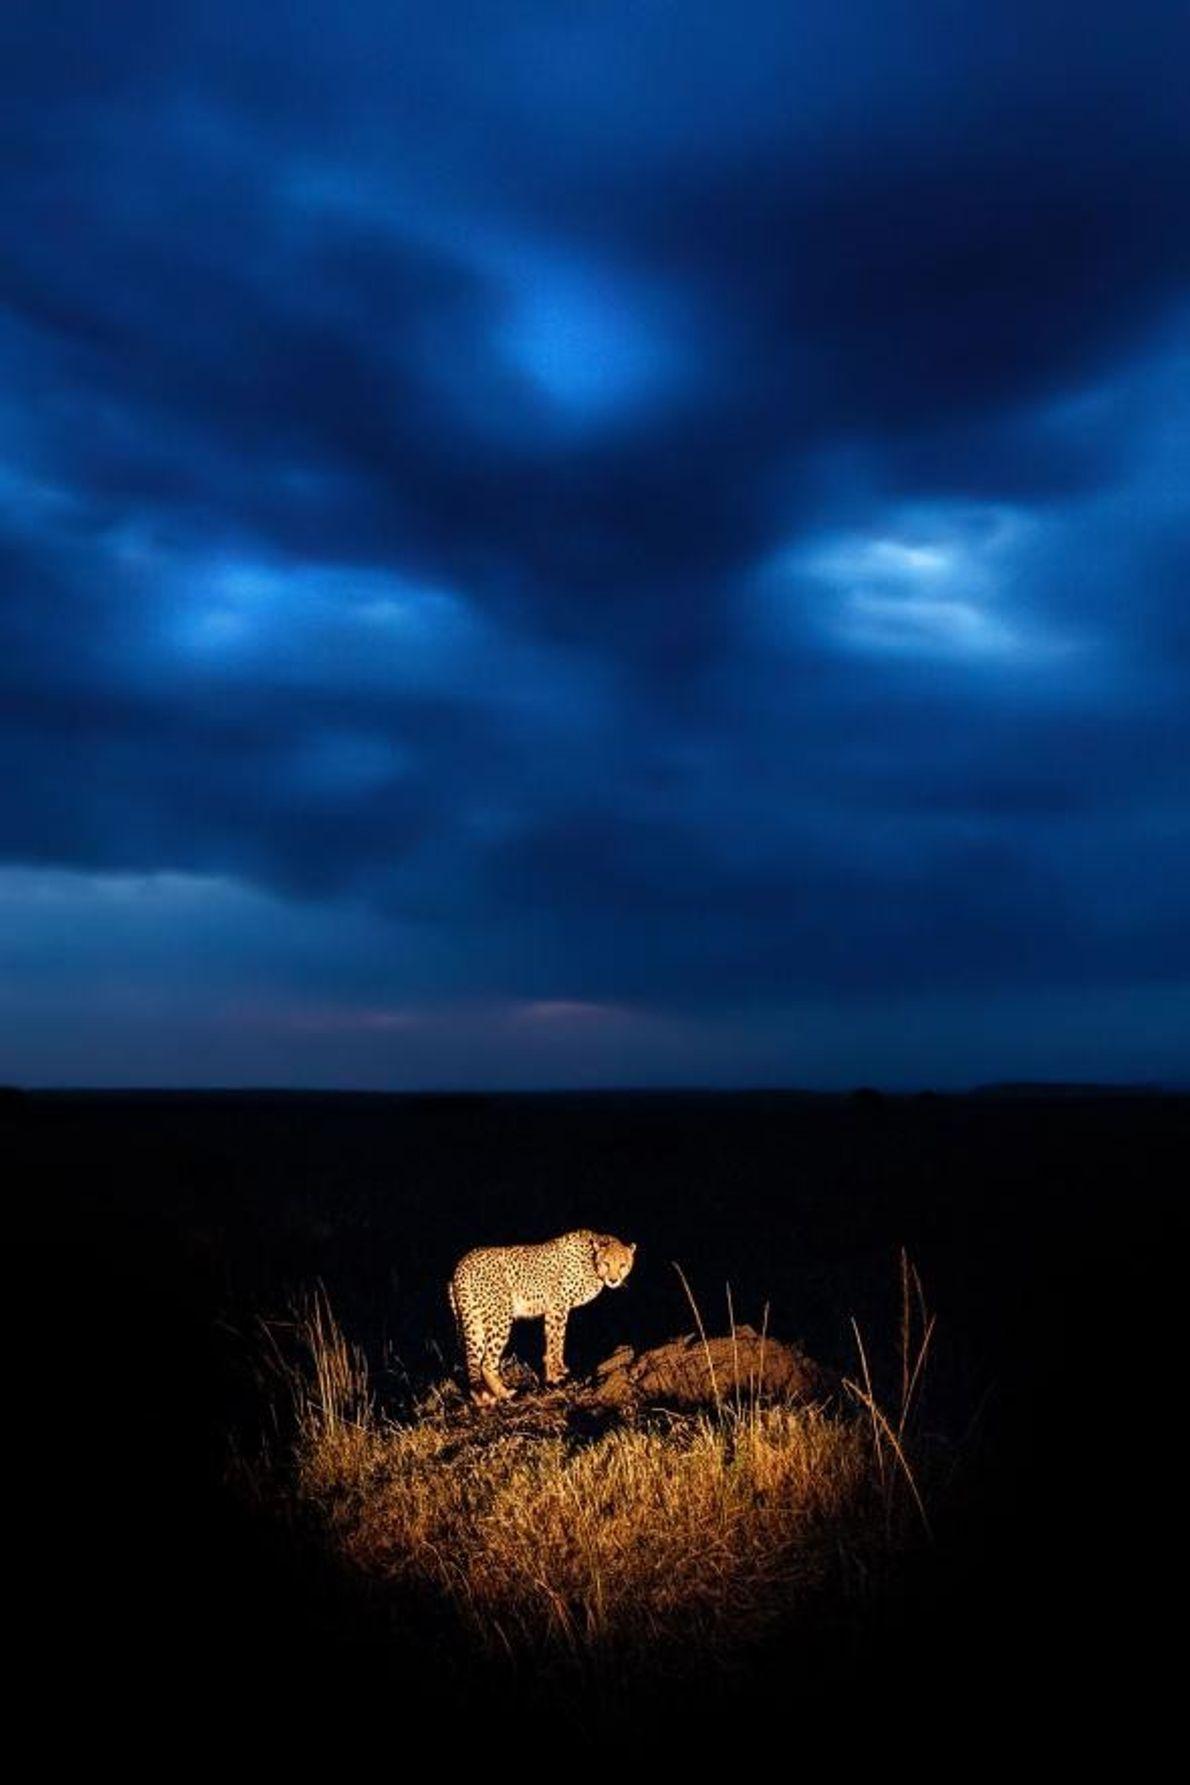 Au crépuscule, un guépard est photographié dans la réserve nationale de Masai Mara.